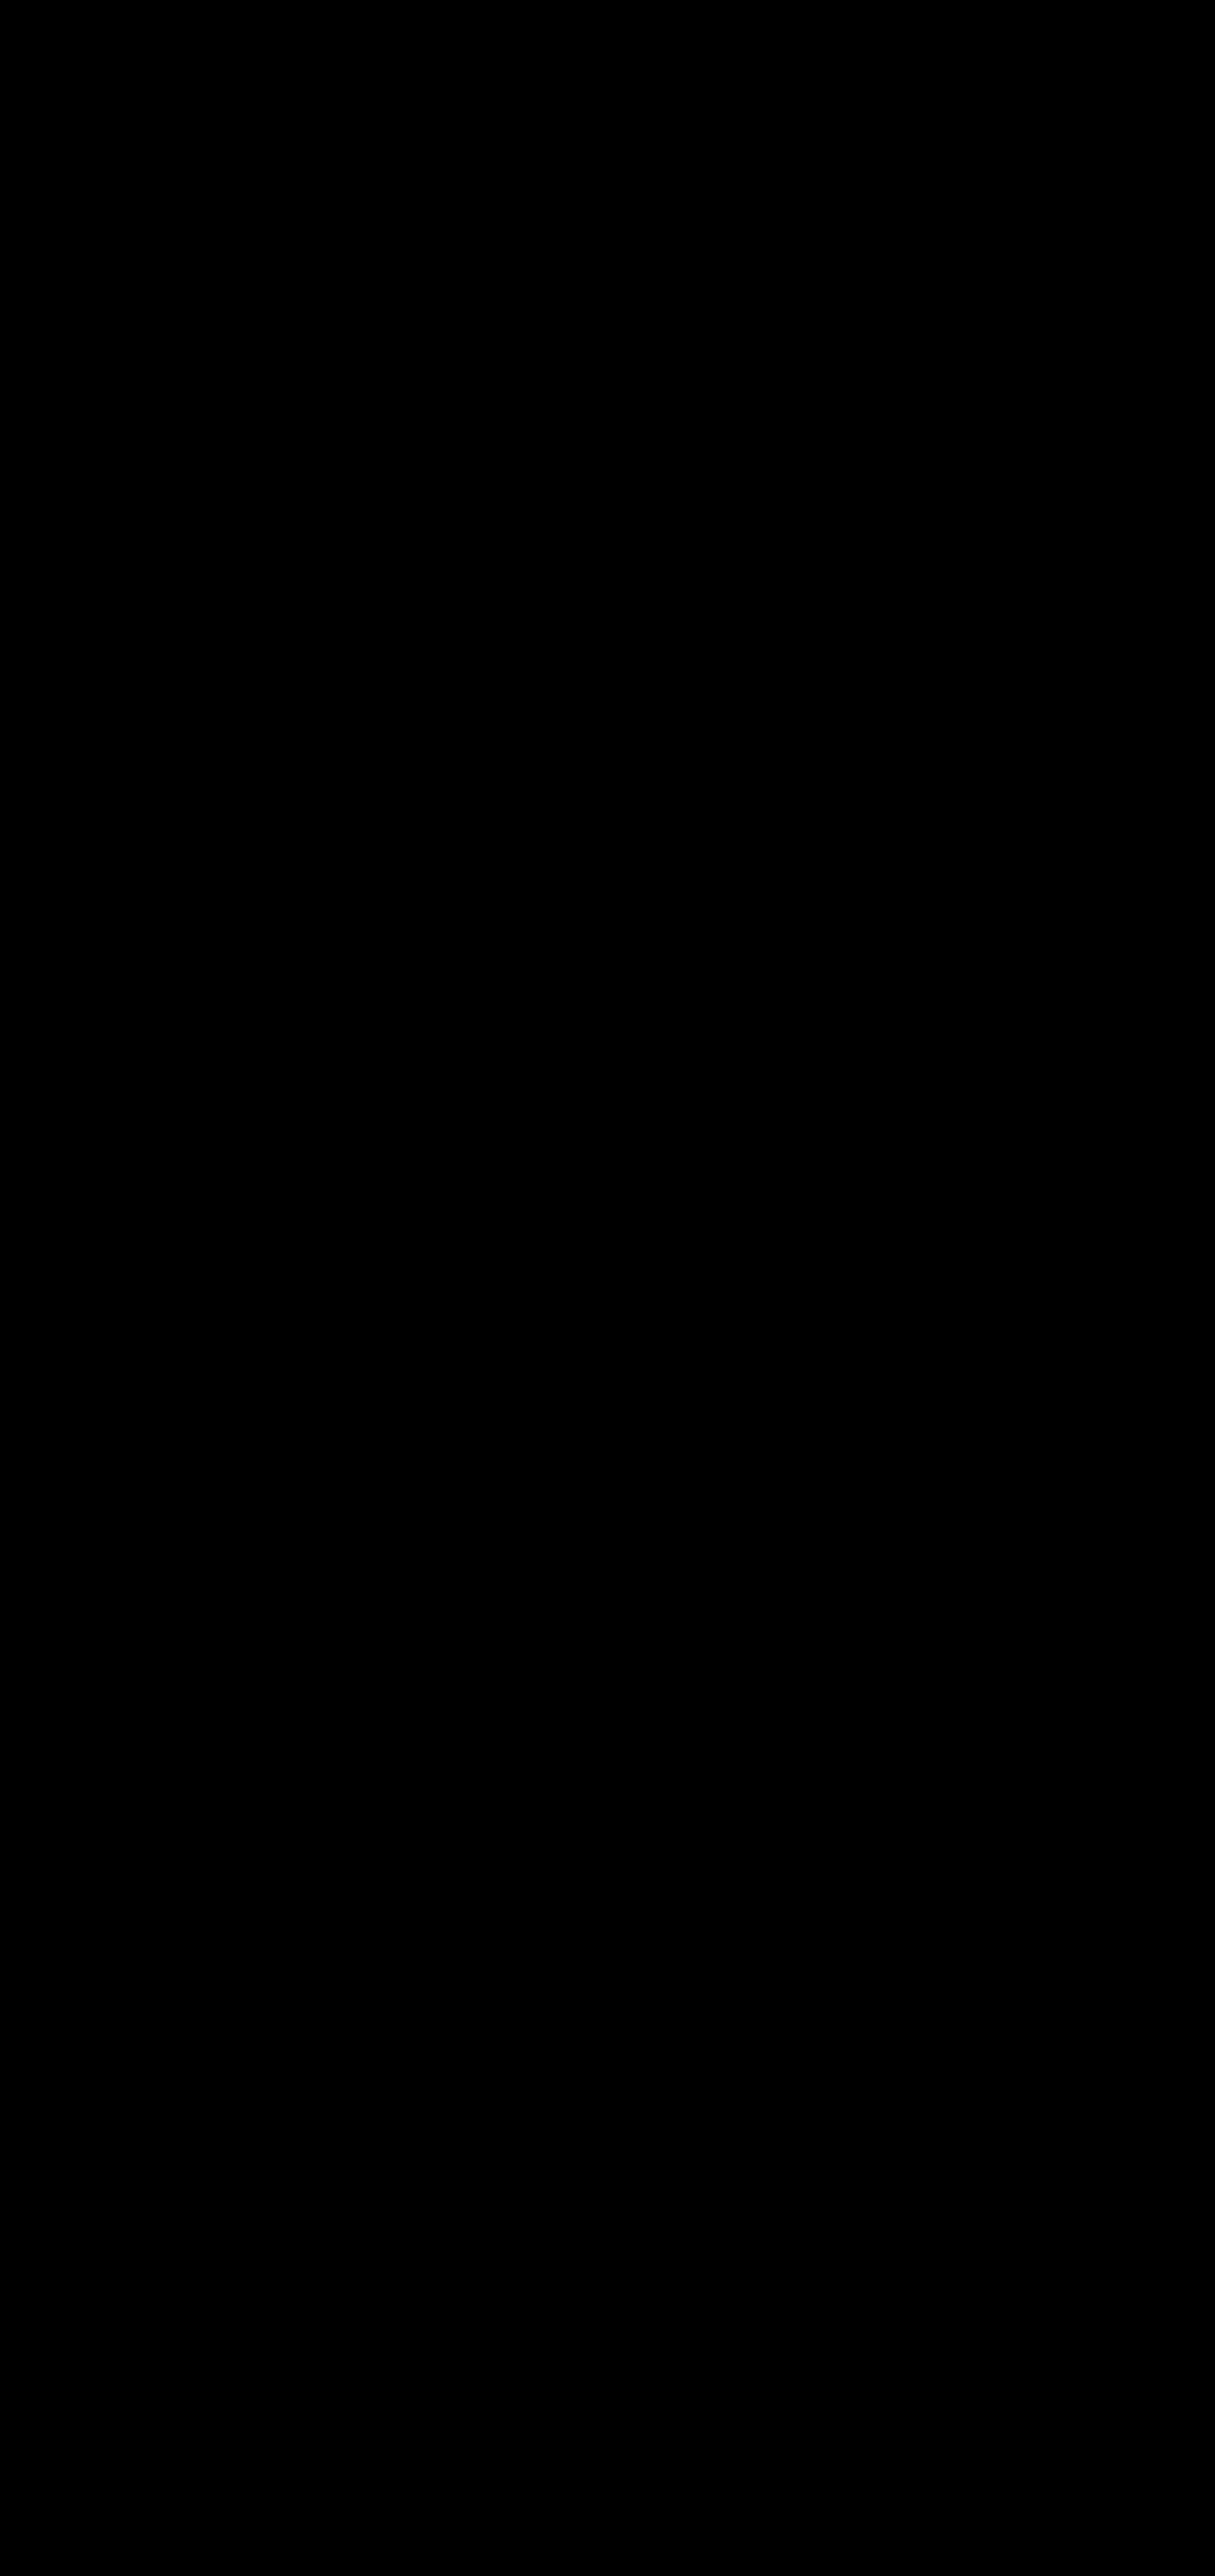 Marzipan Apfel Käsekuchen mit Amaretto und Mandeln #cakefrosting